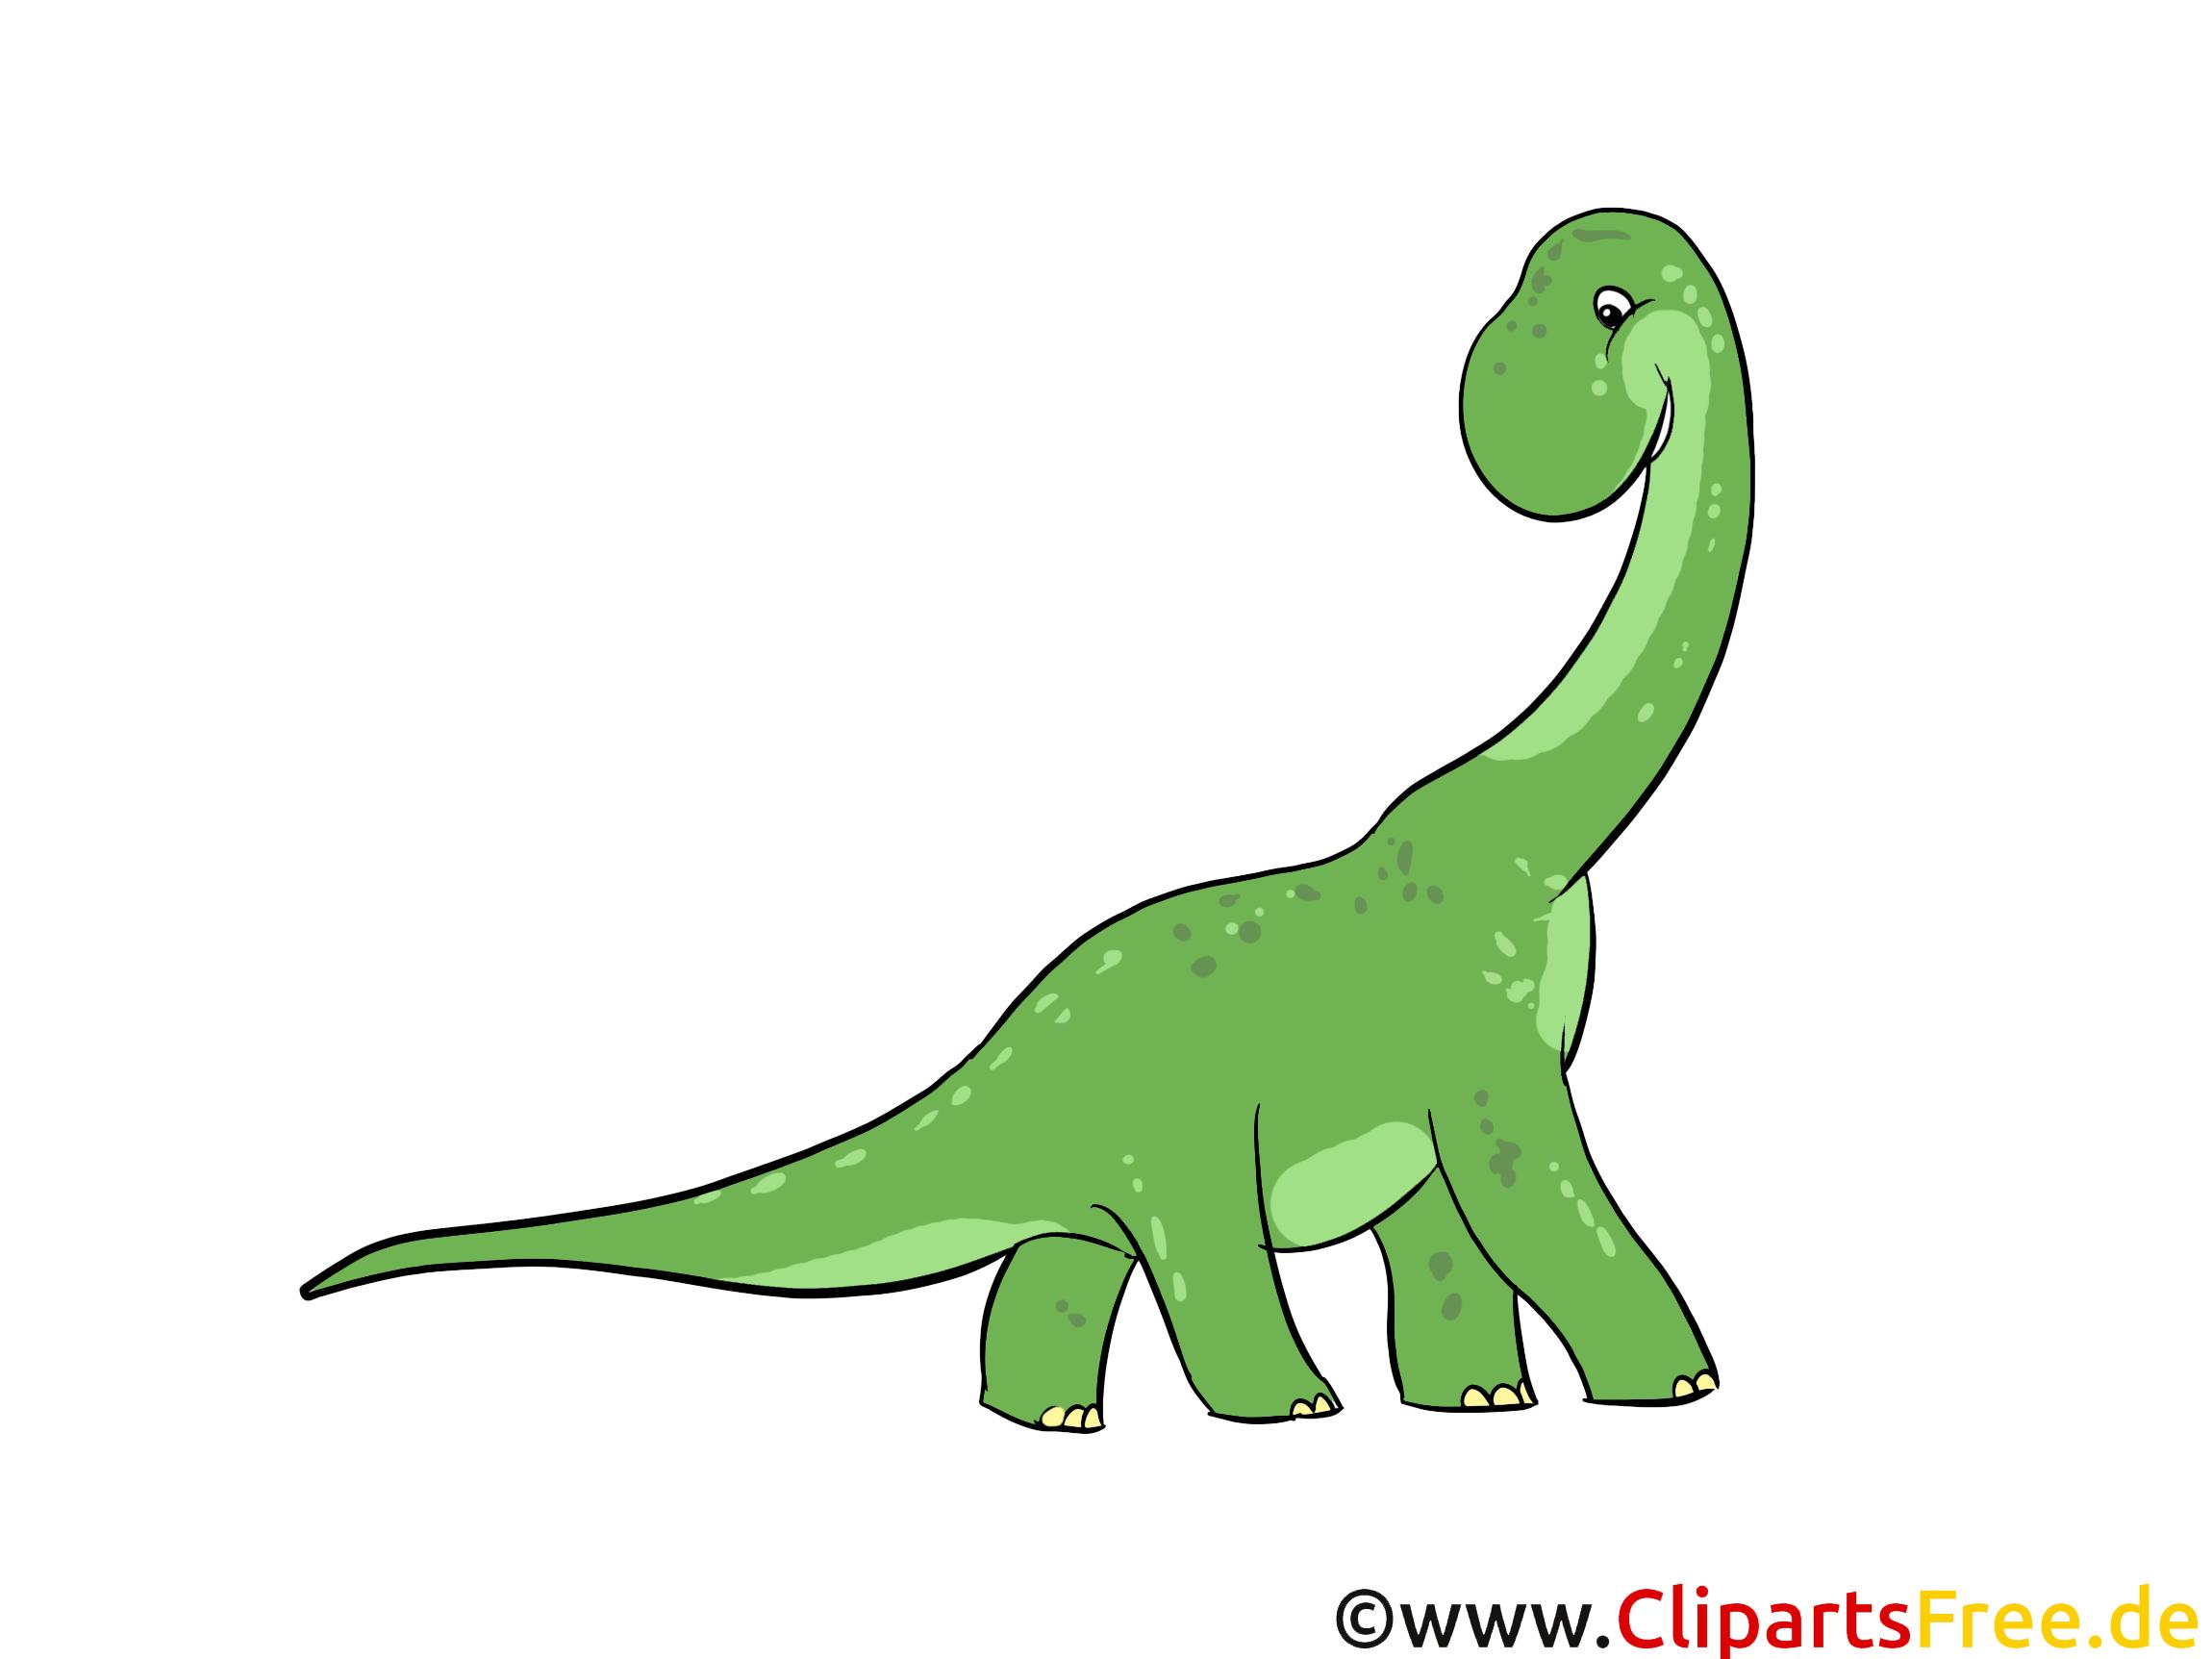 Dinosaurier Ausmalbilder Kostenlos Ausdrucken : Dinosaurier Ausmalbilder Bilder F R Kinder Kostenlose Spiele